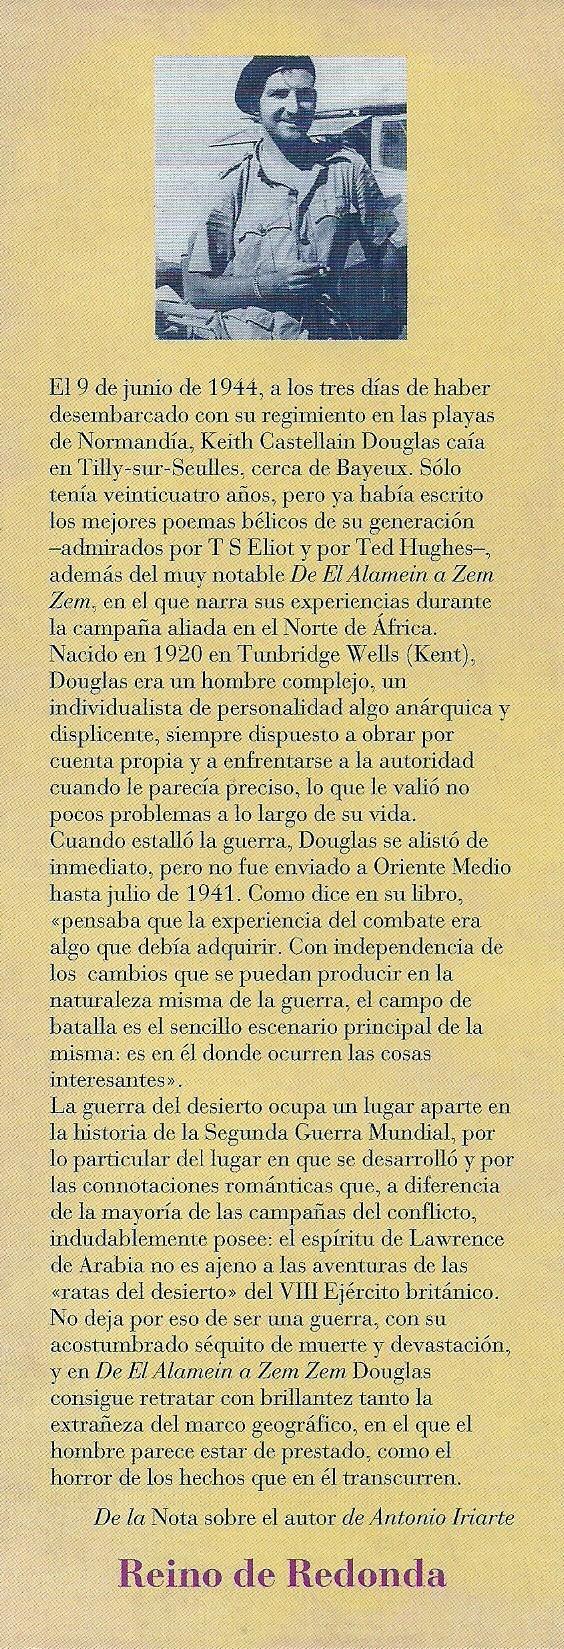 Libros | javiermariasblog | Página 19